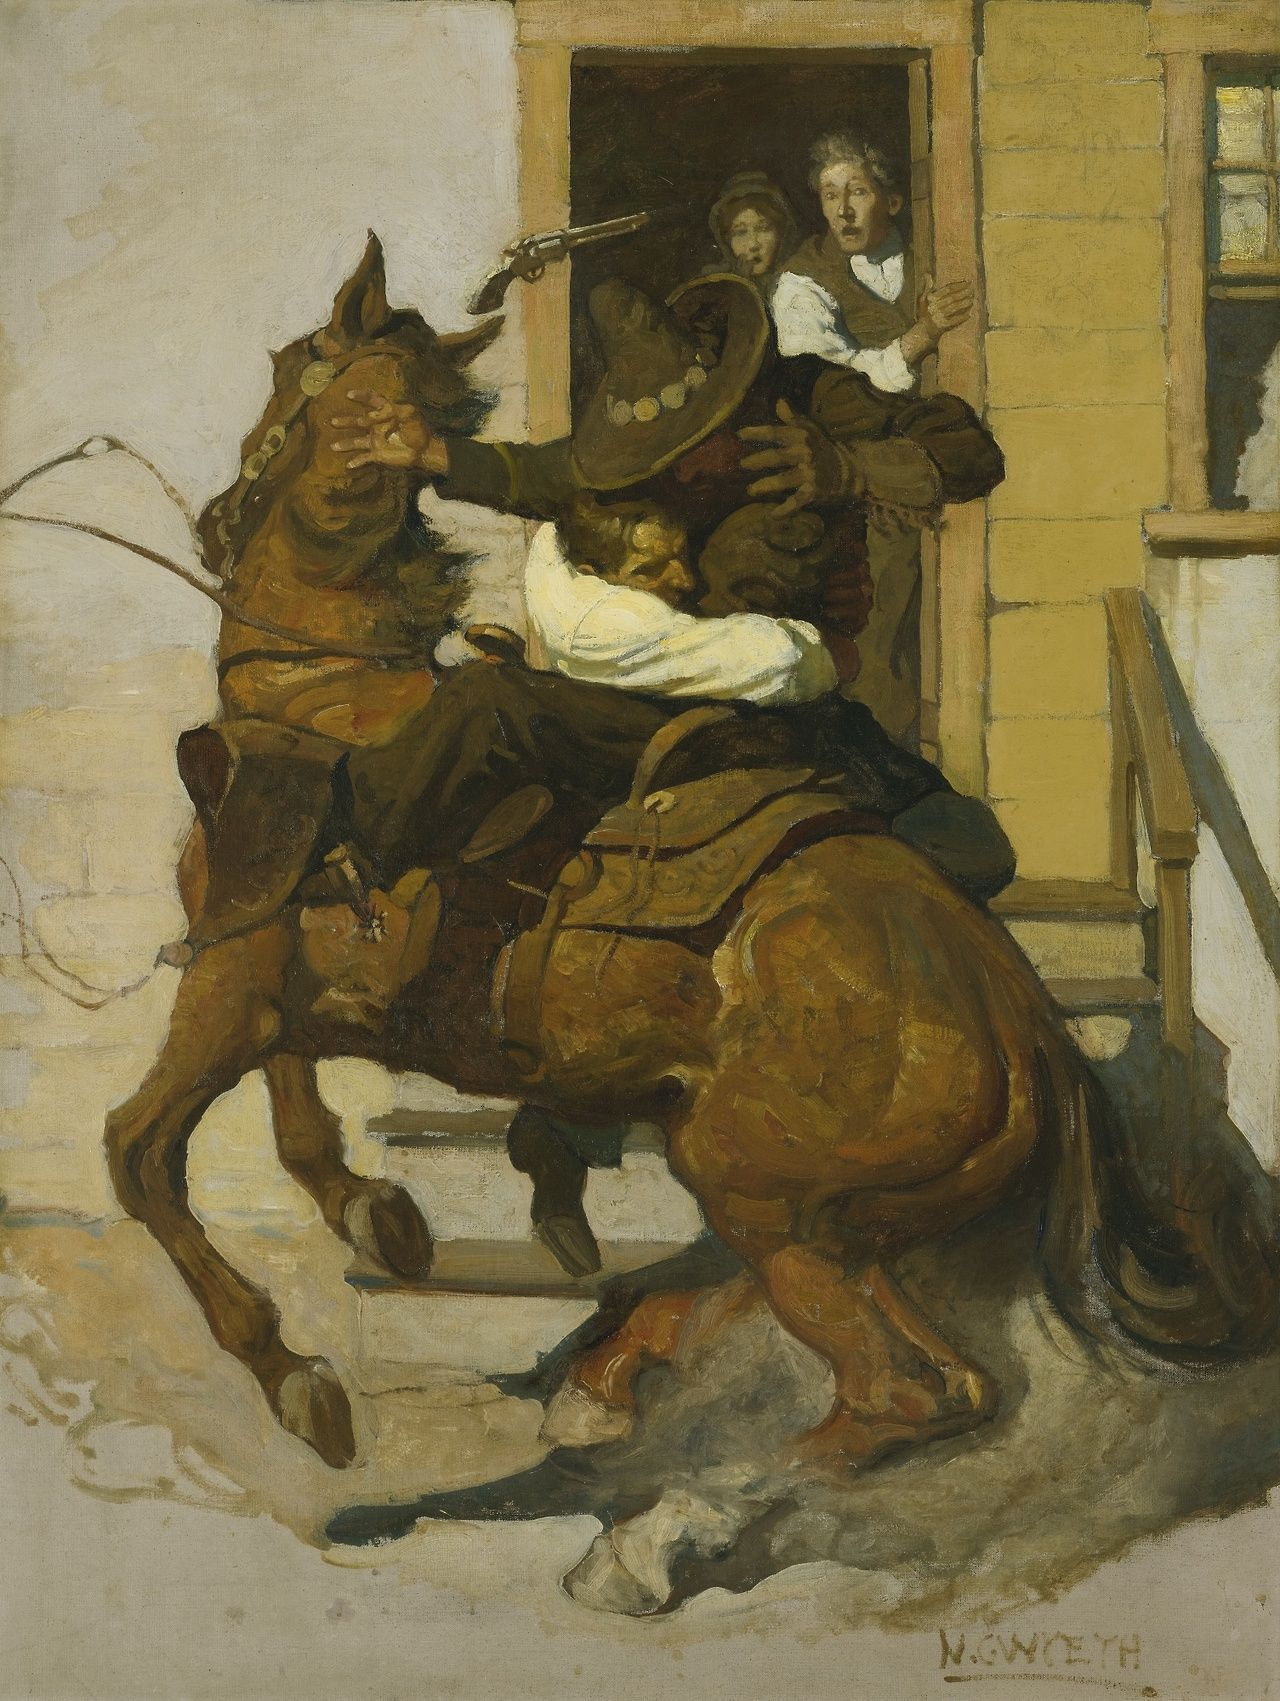 Artwork by N. C. Wyeth